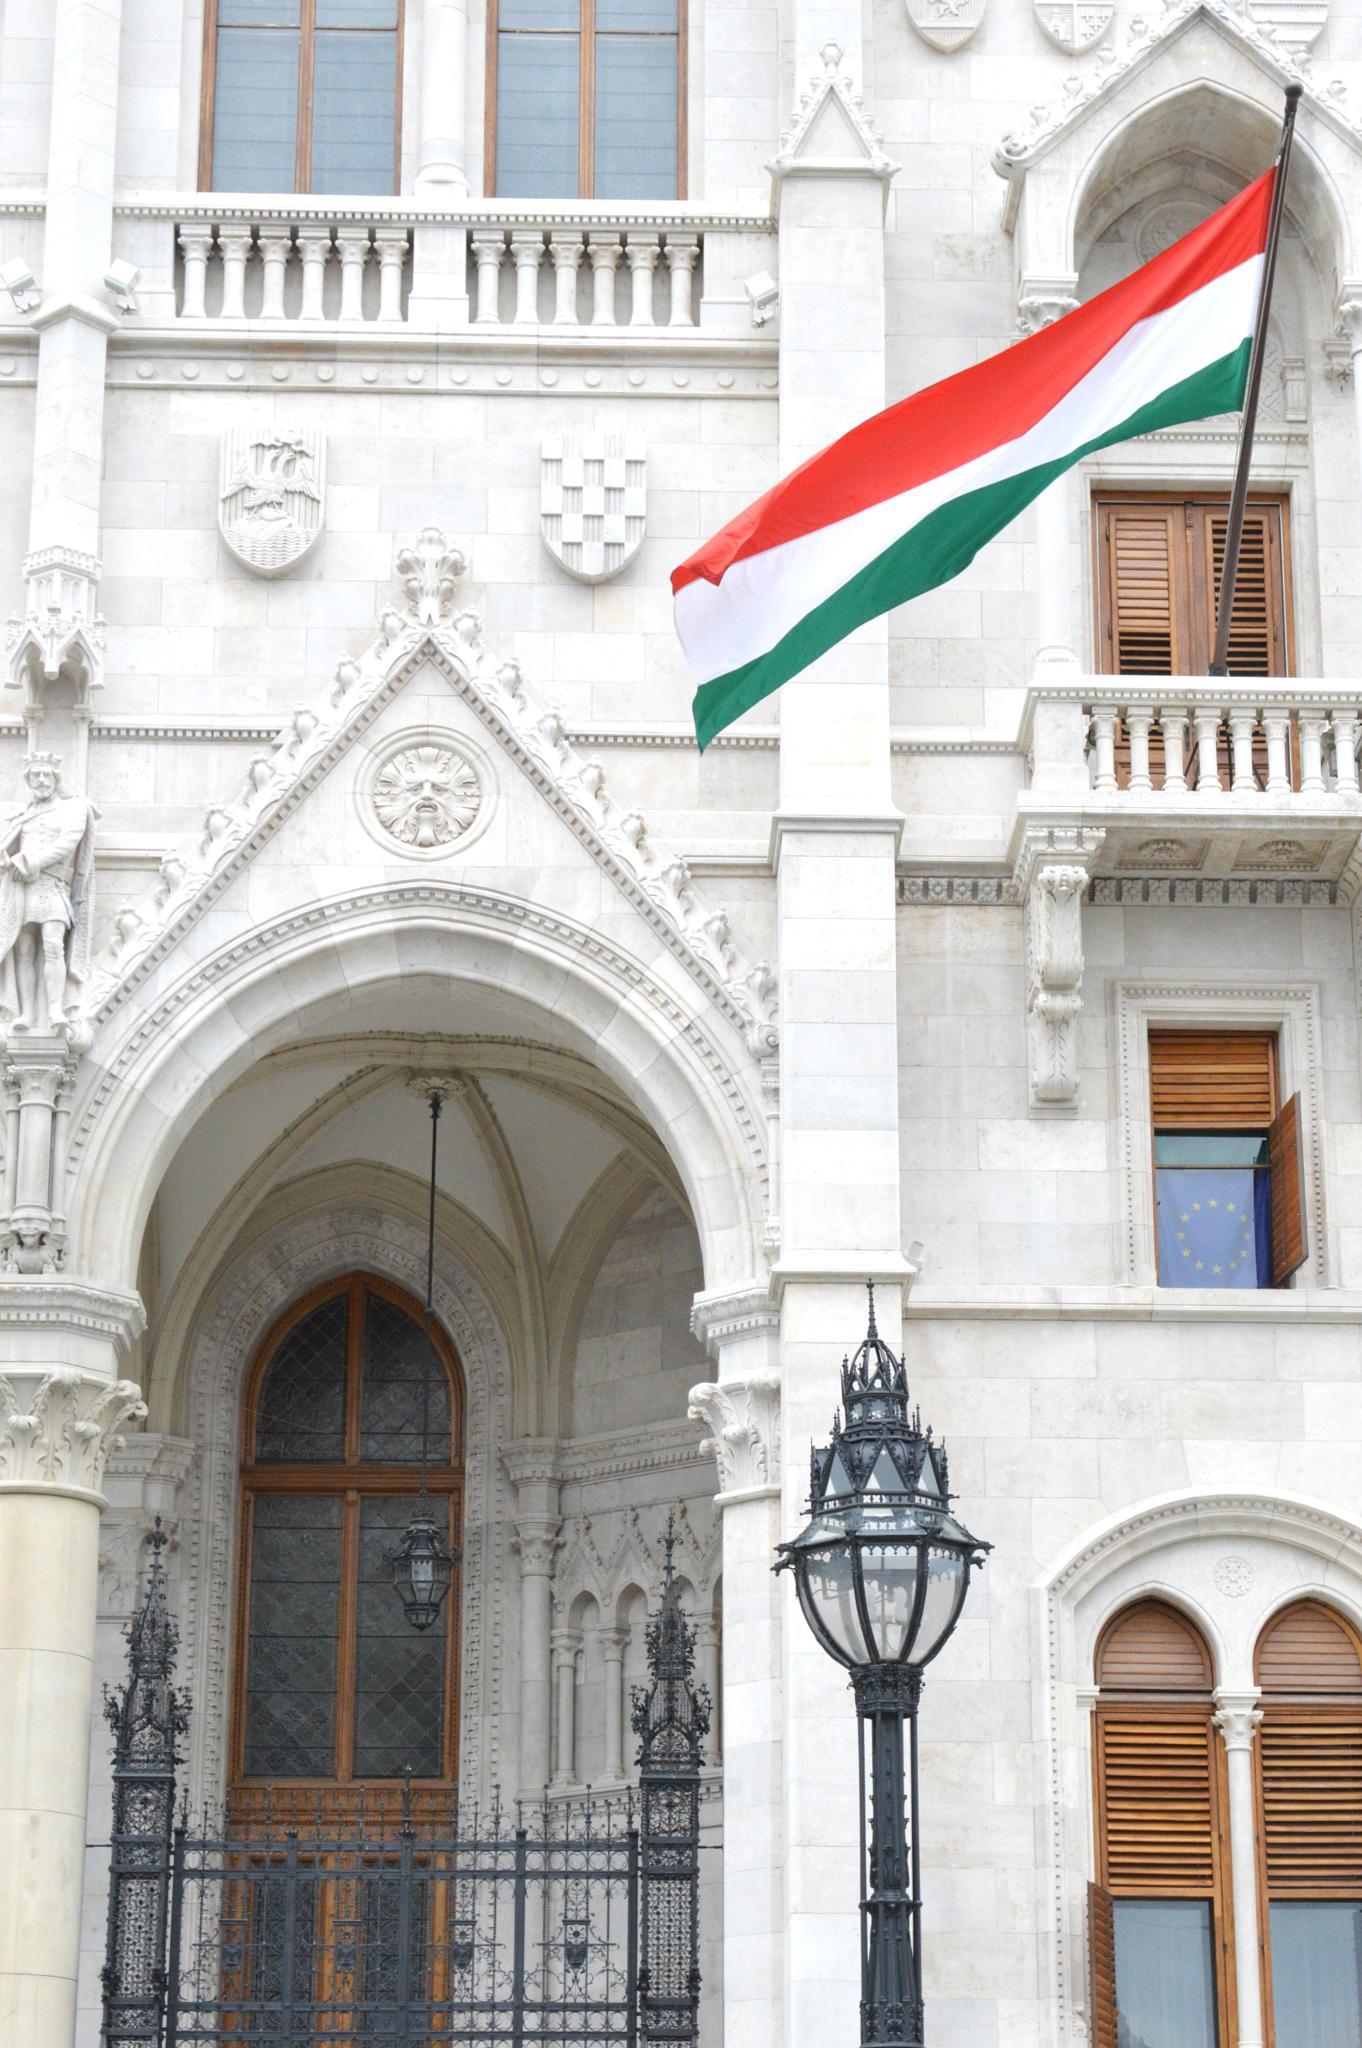 Hungary by ildiko katalin szabo